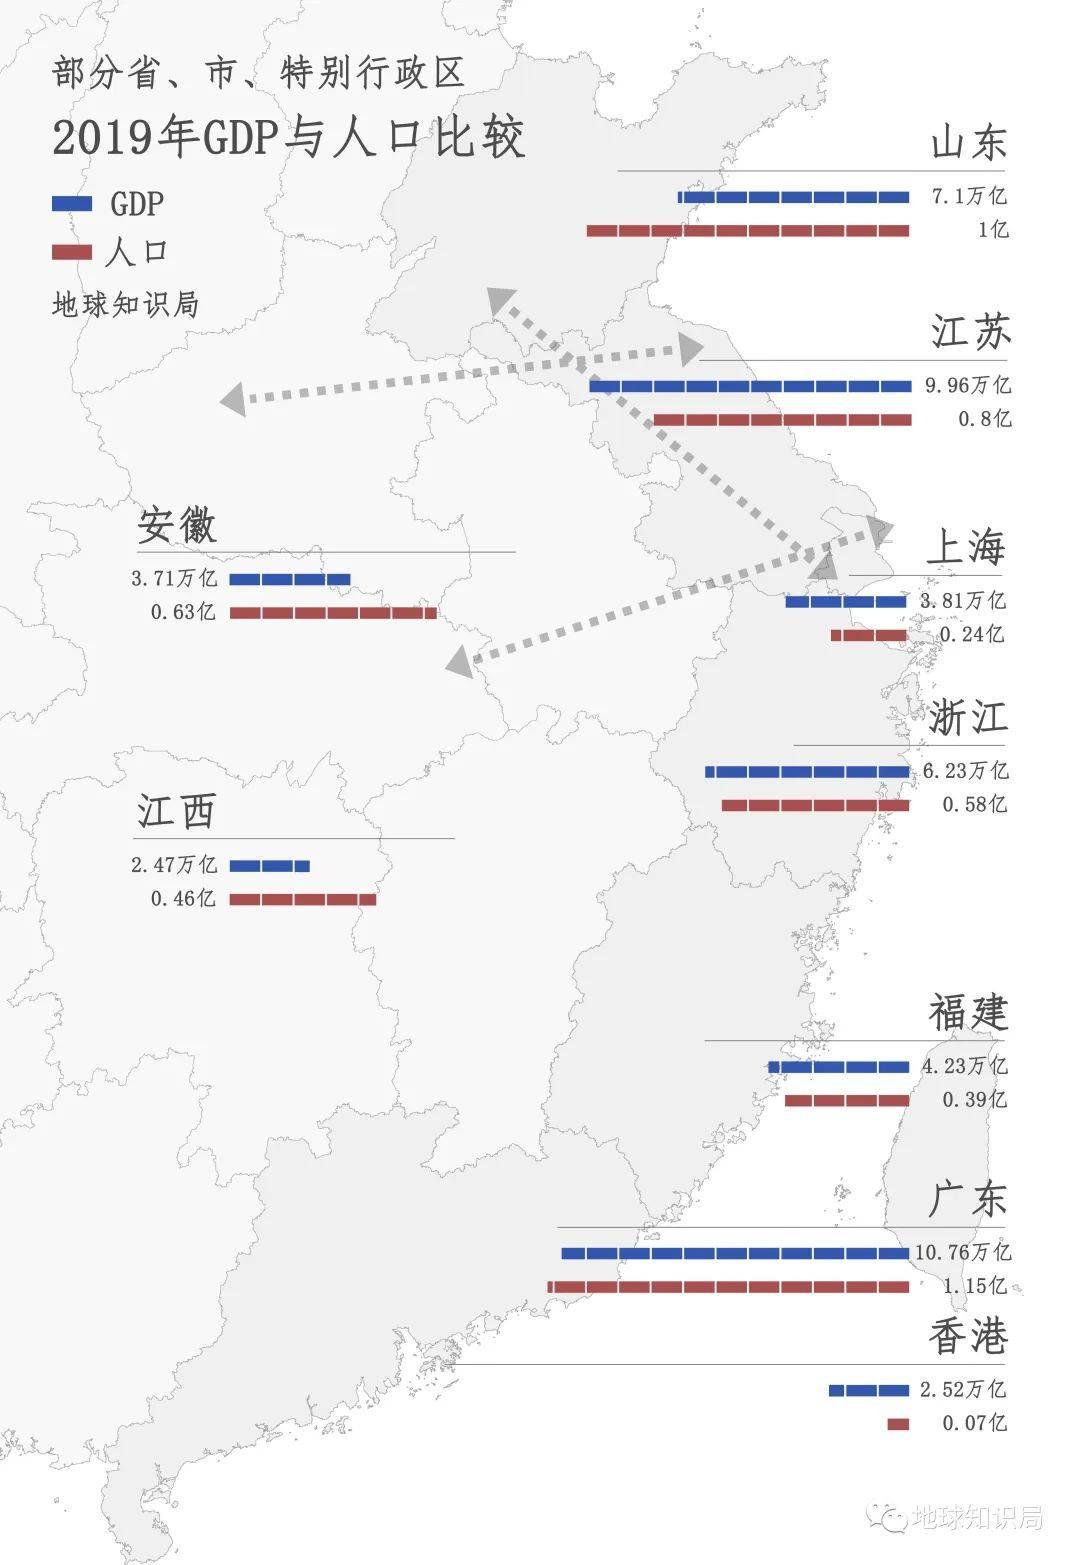 江苏山东人口面积排名_山东江苏地图